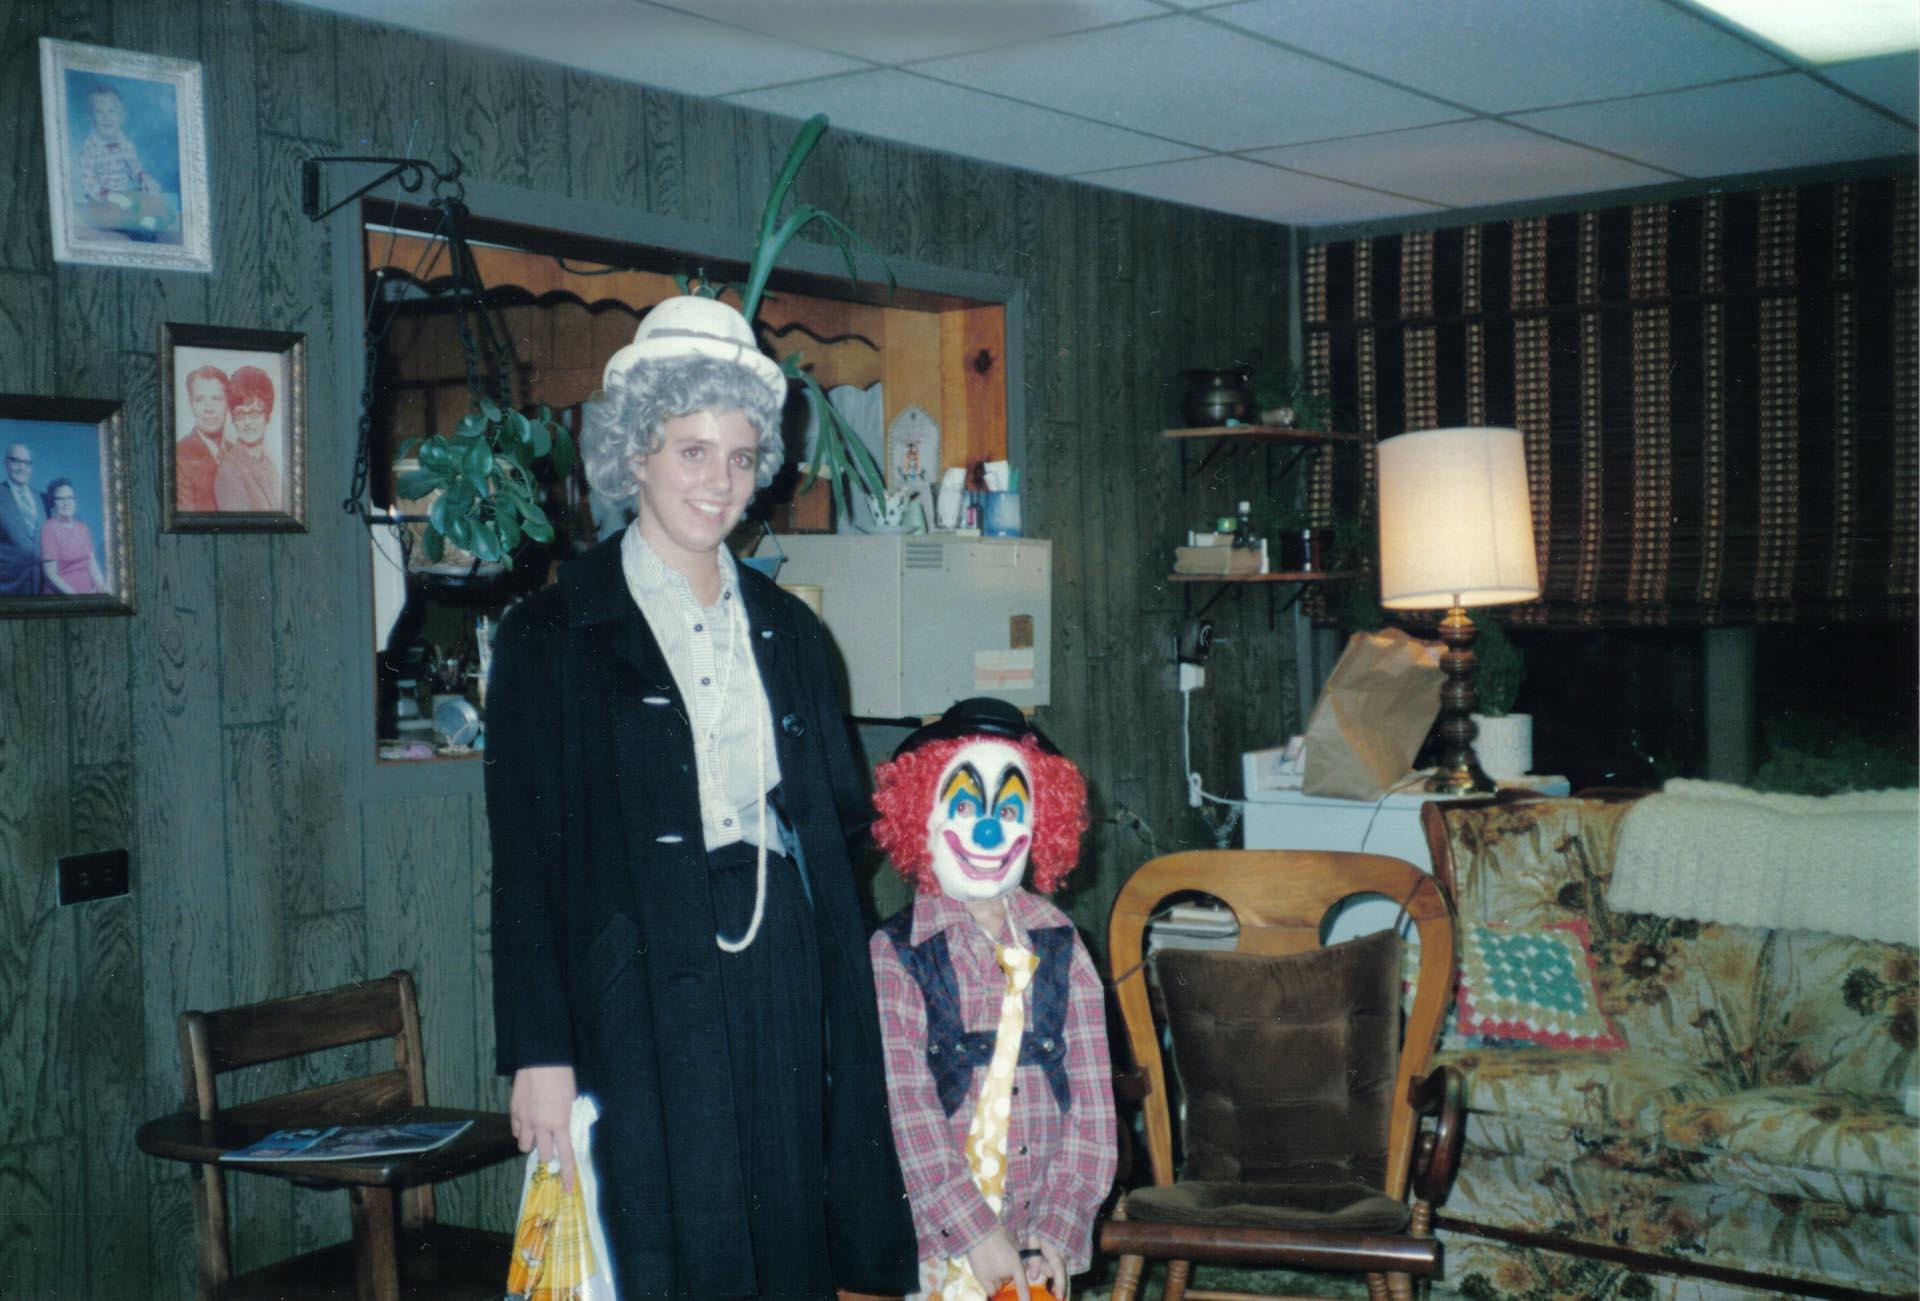 Julie and Jordan Scoggins dressed up for Halloween, 1986